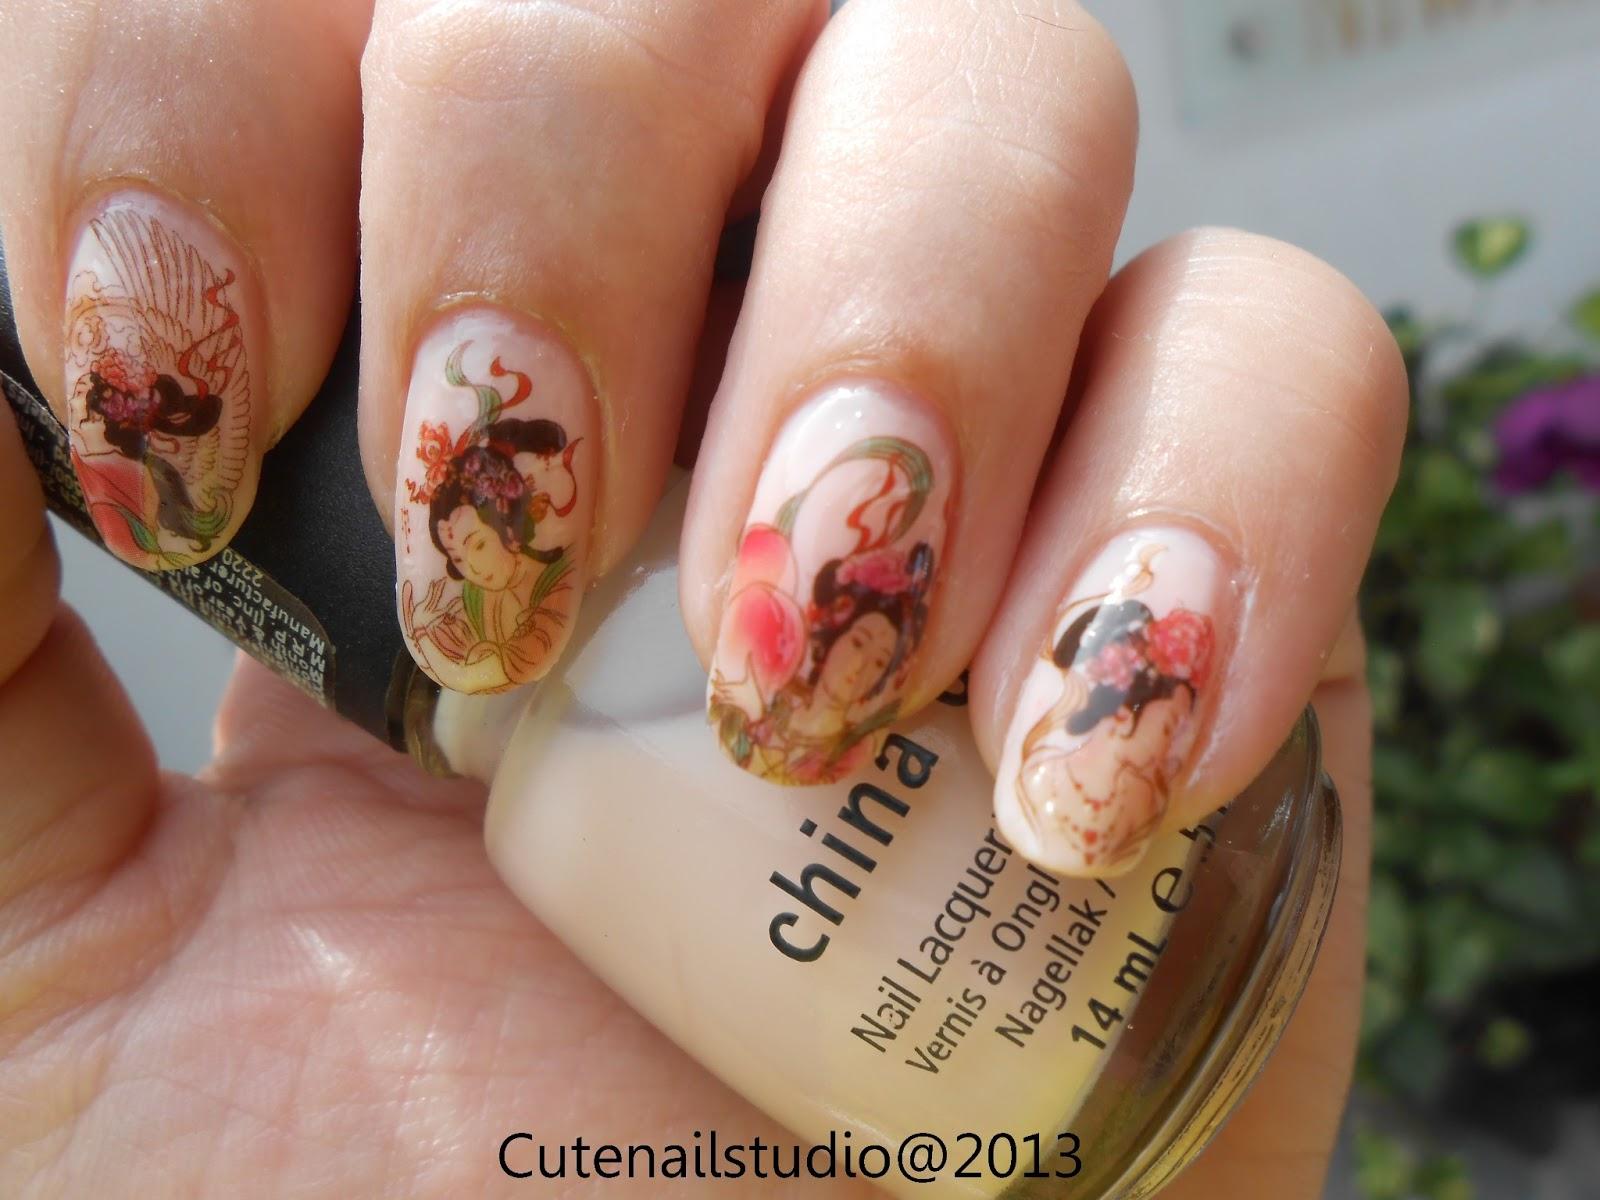 Cute nails: Geisha water decals nails